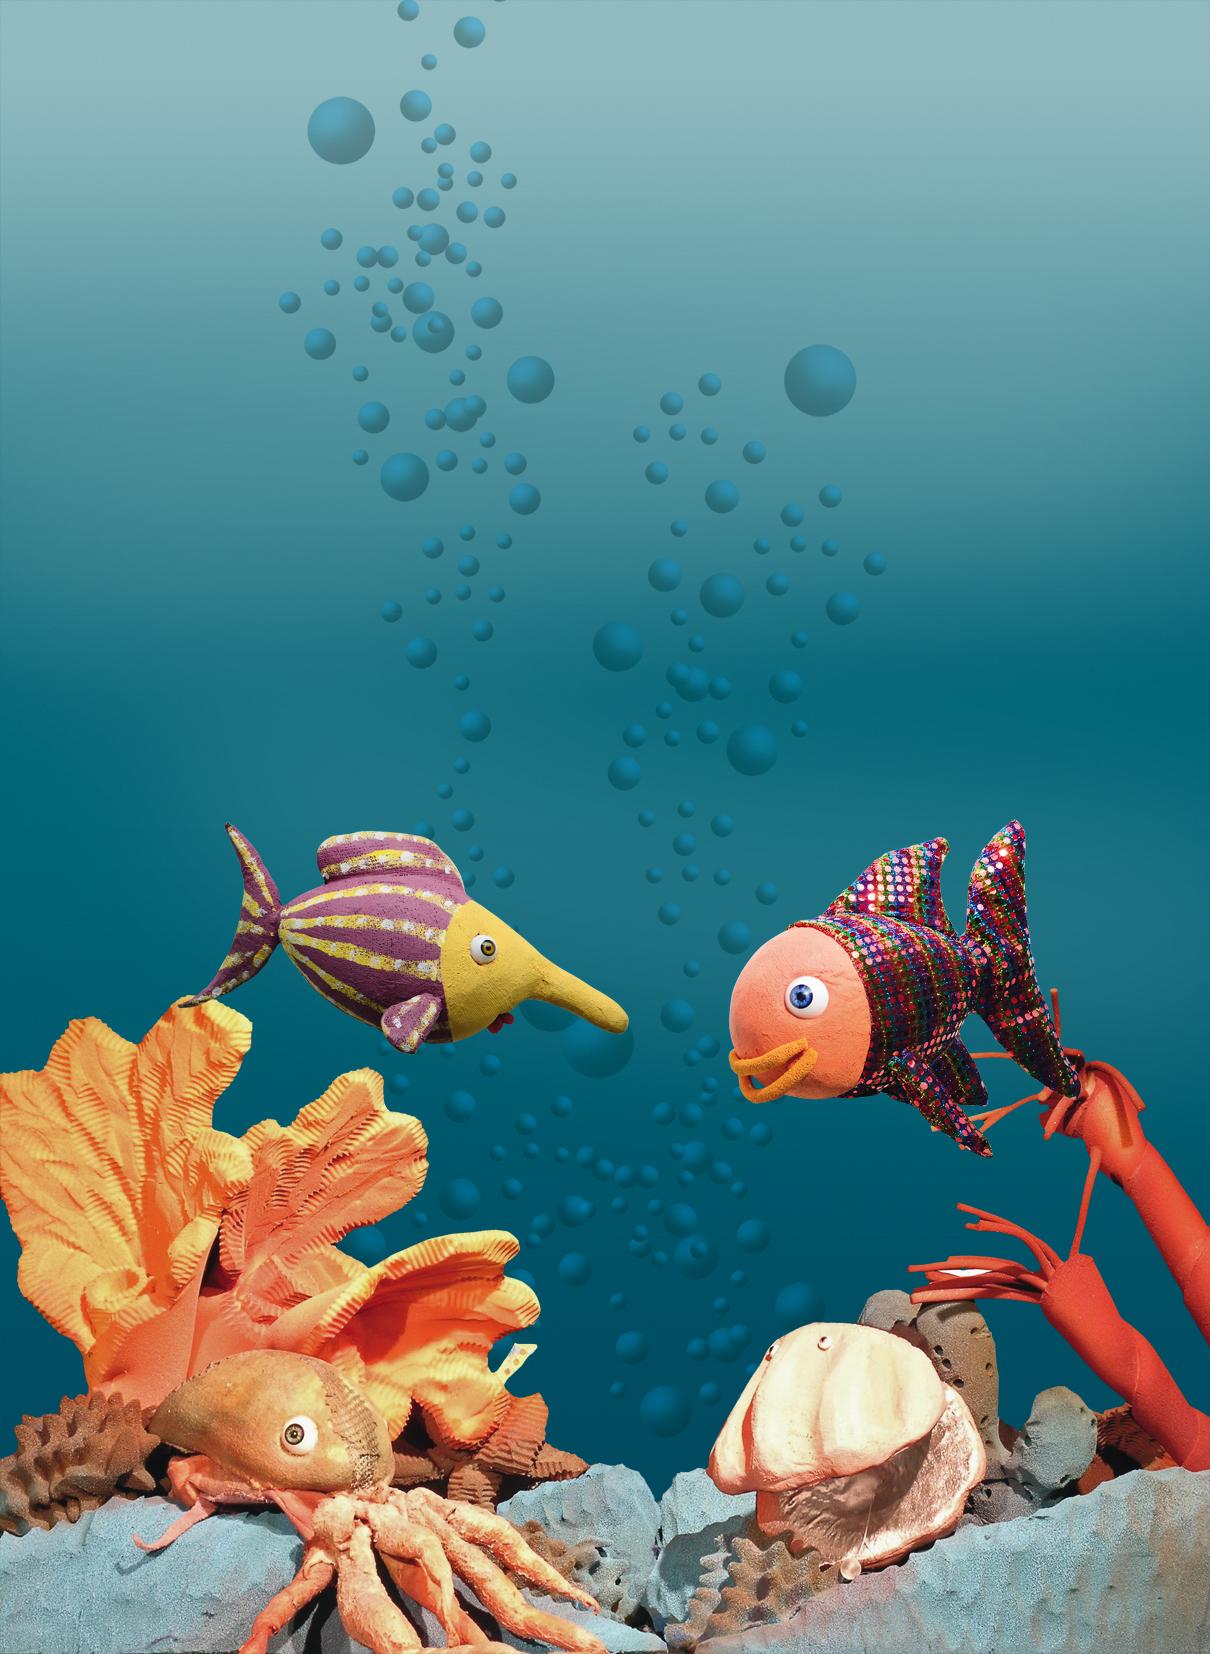 Der Regenbogenfisch - Figurentheater